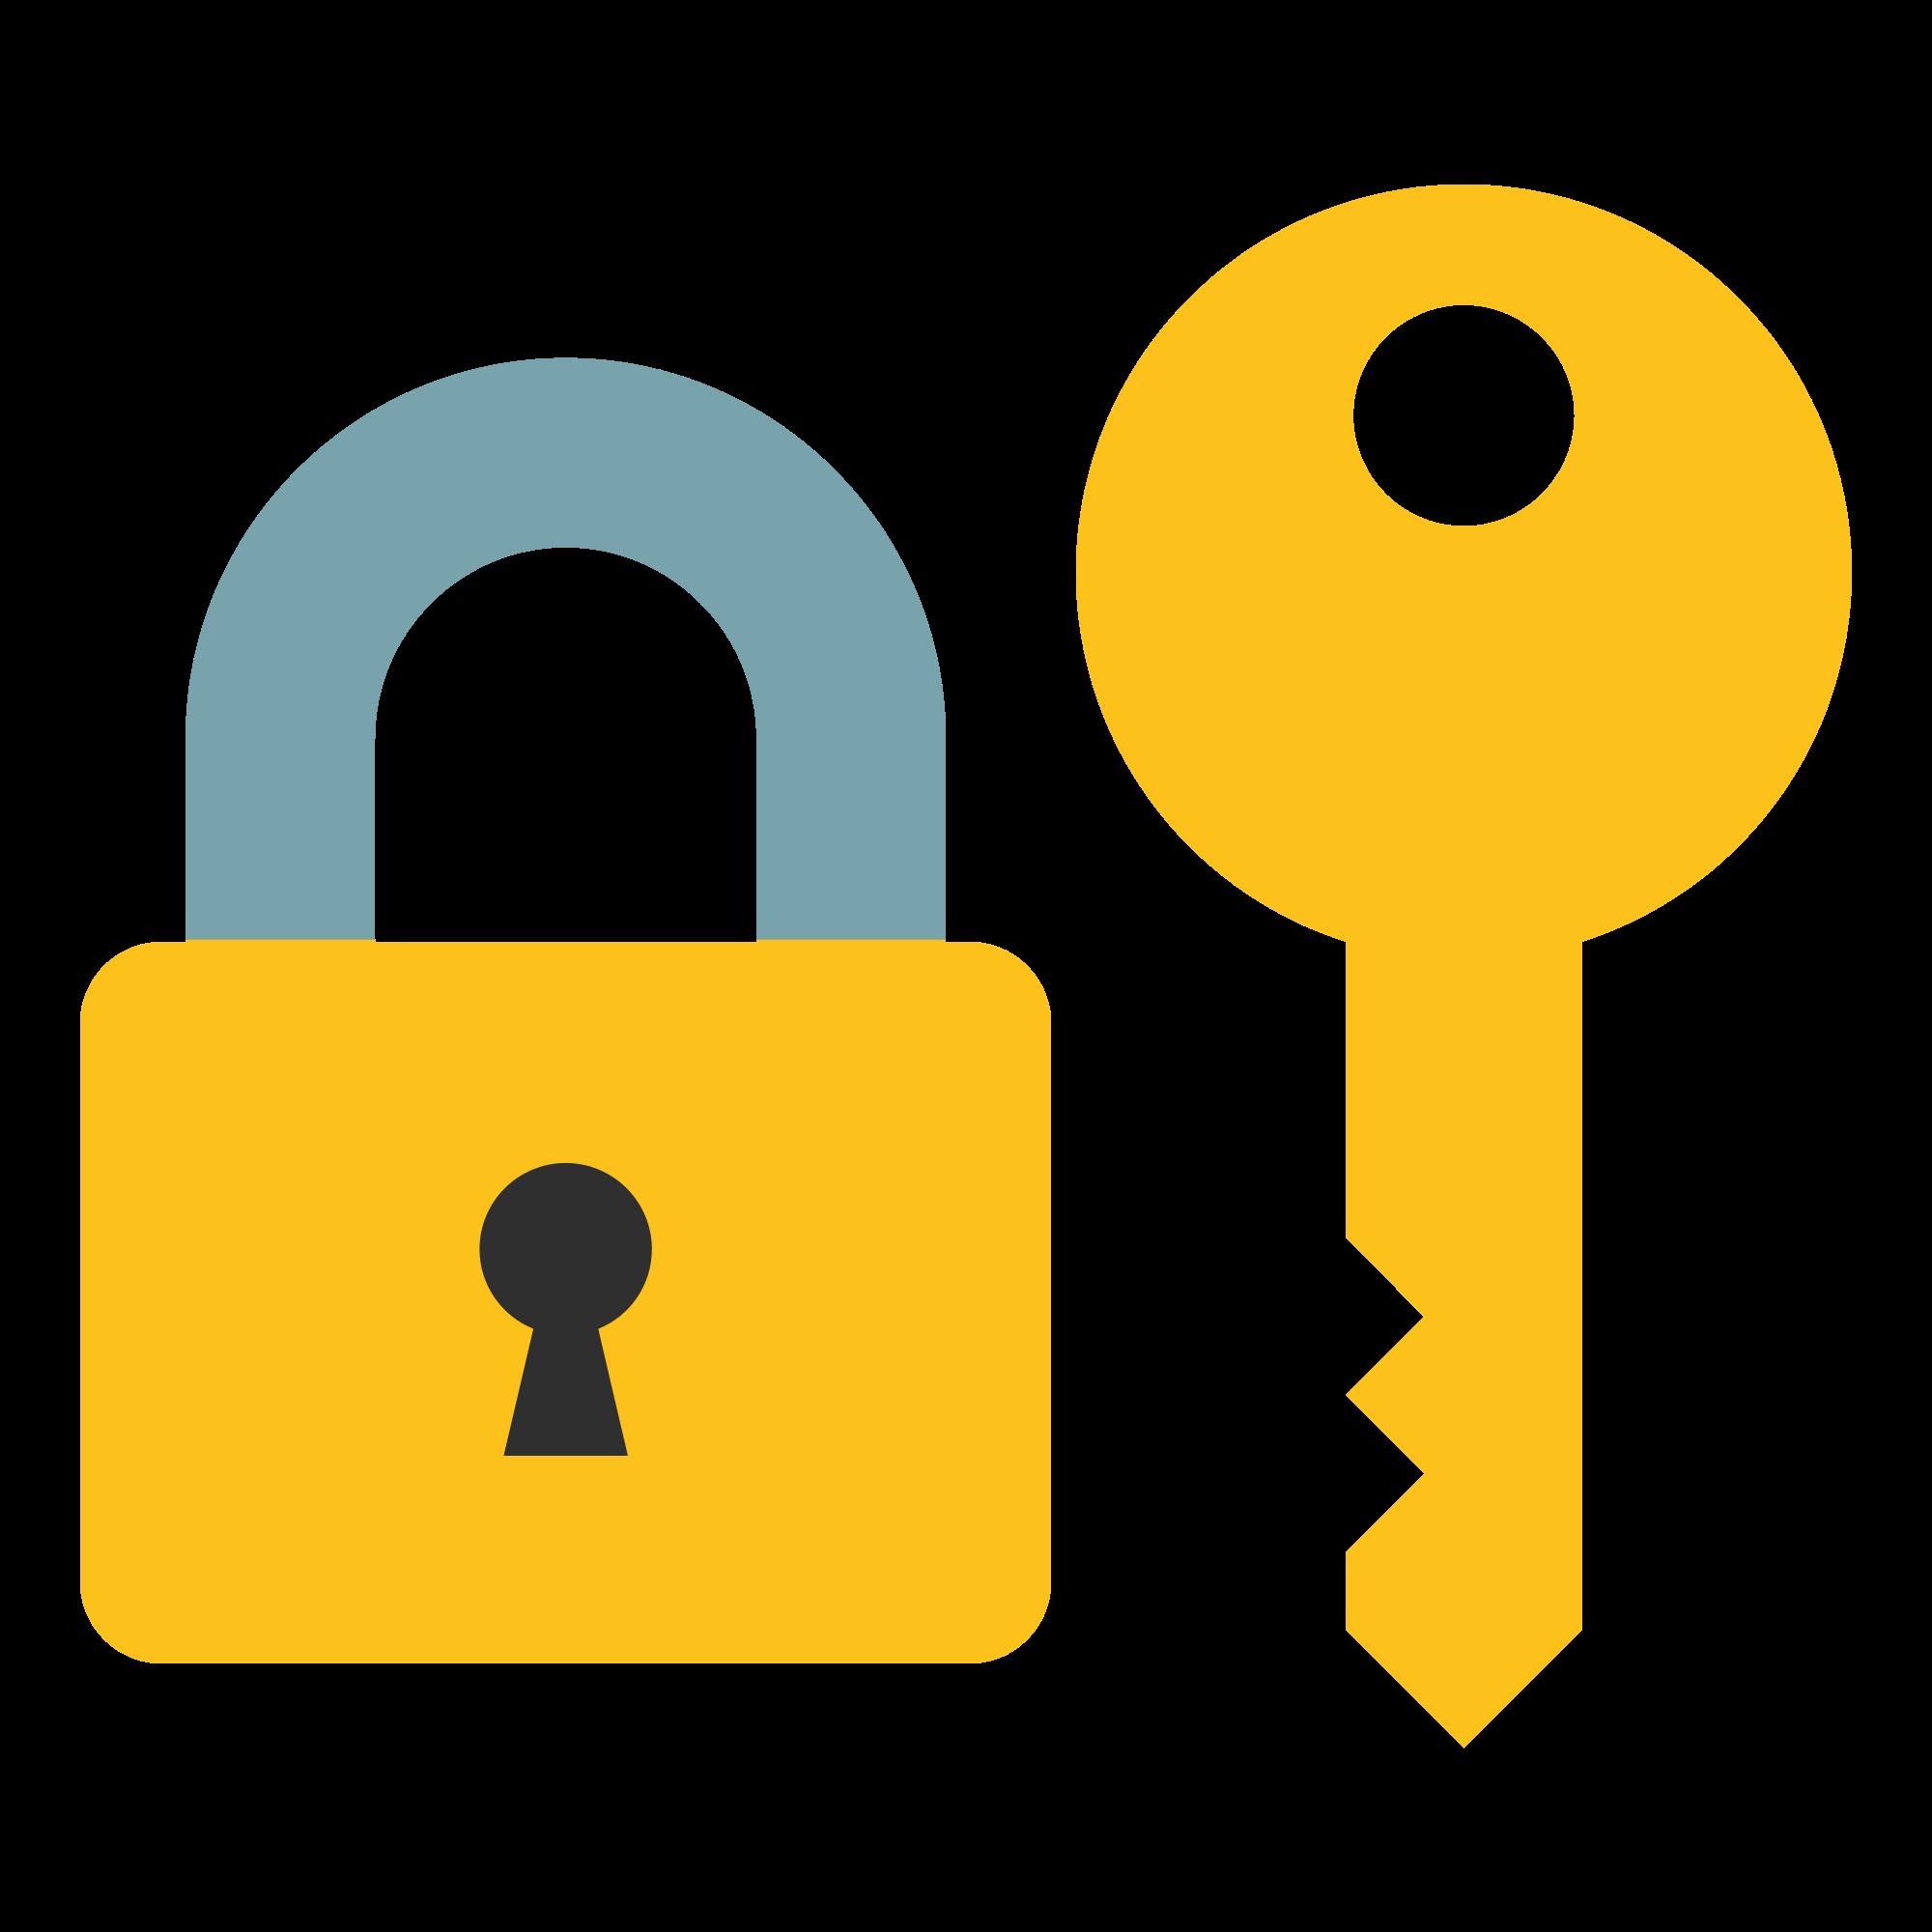 Lock clipart lock and key. File emoji u f